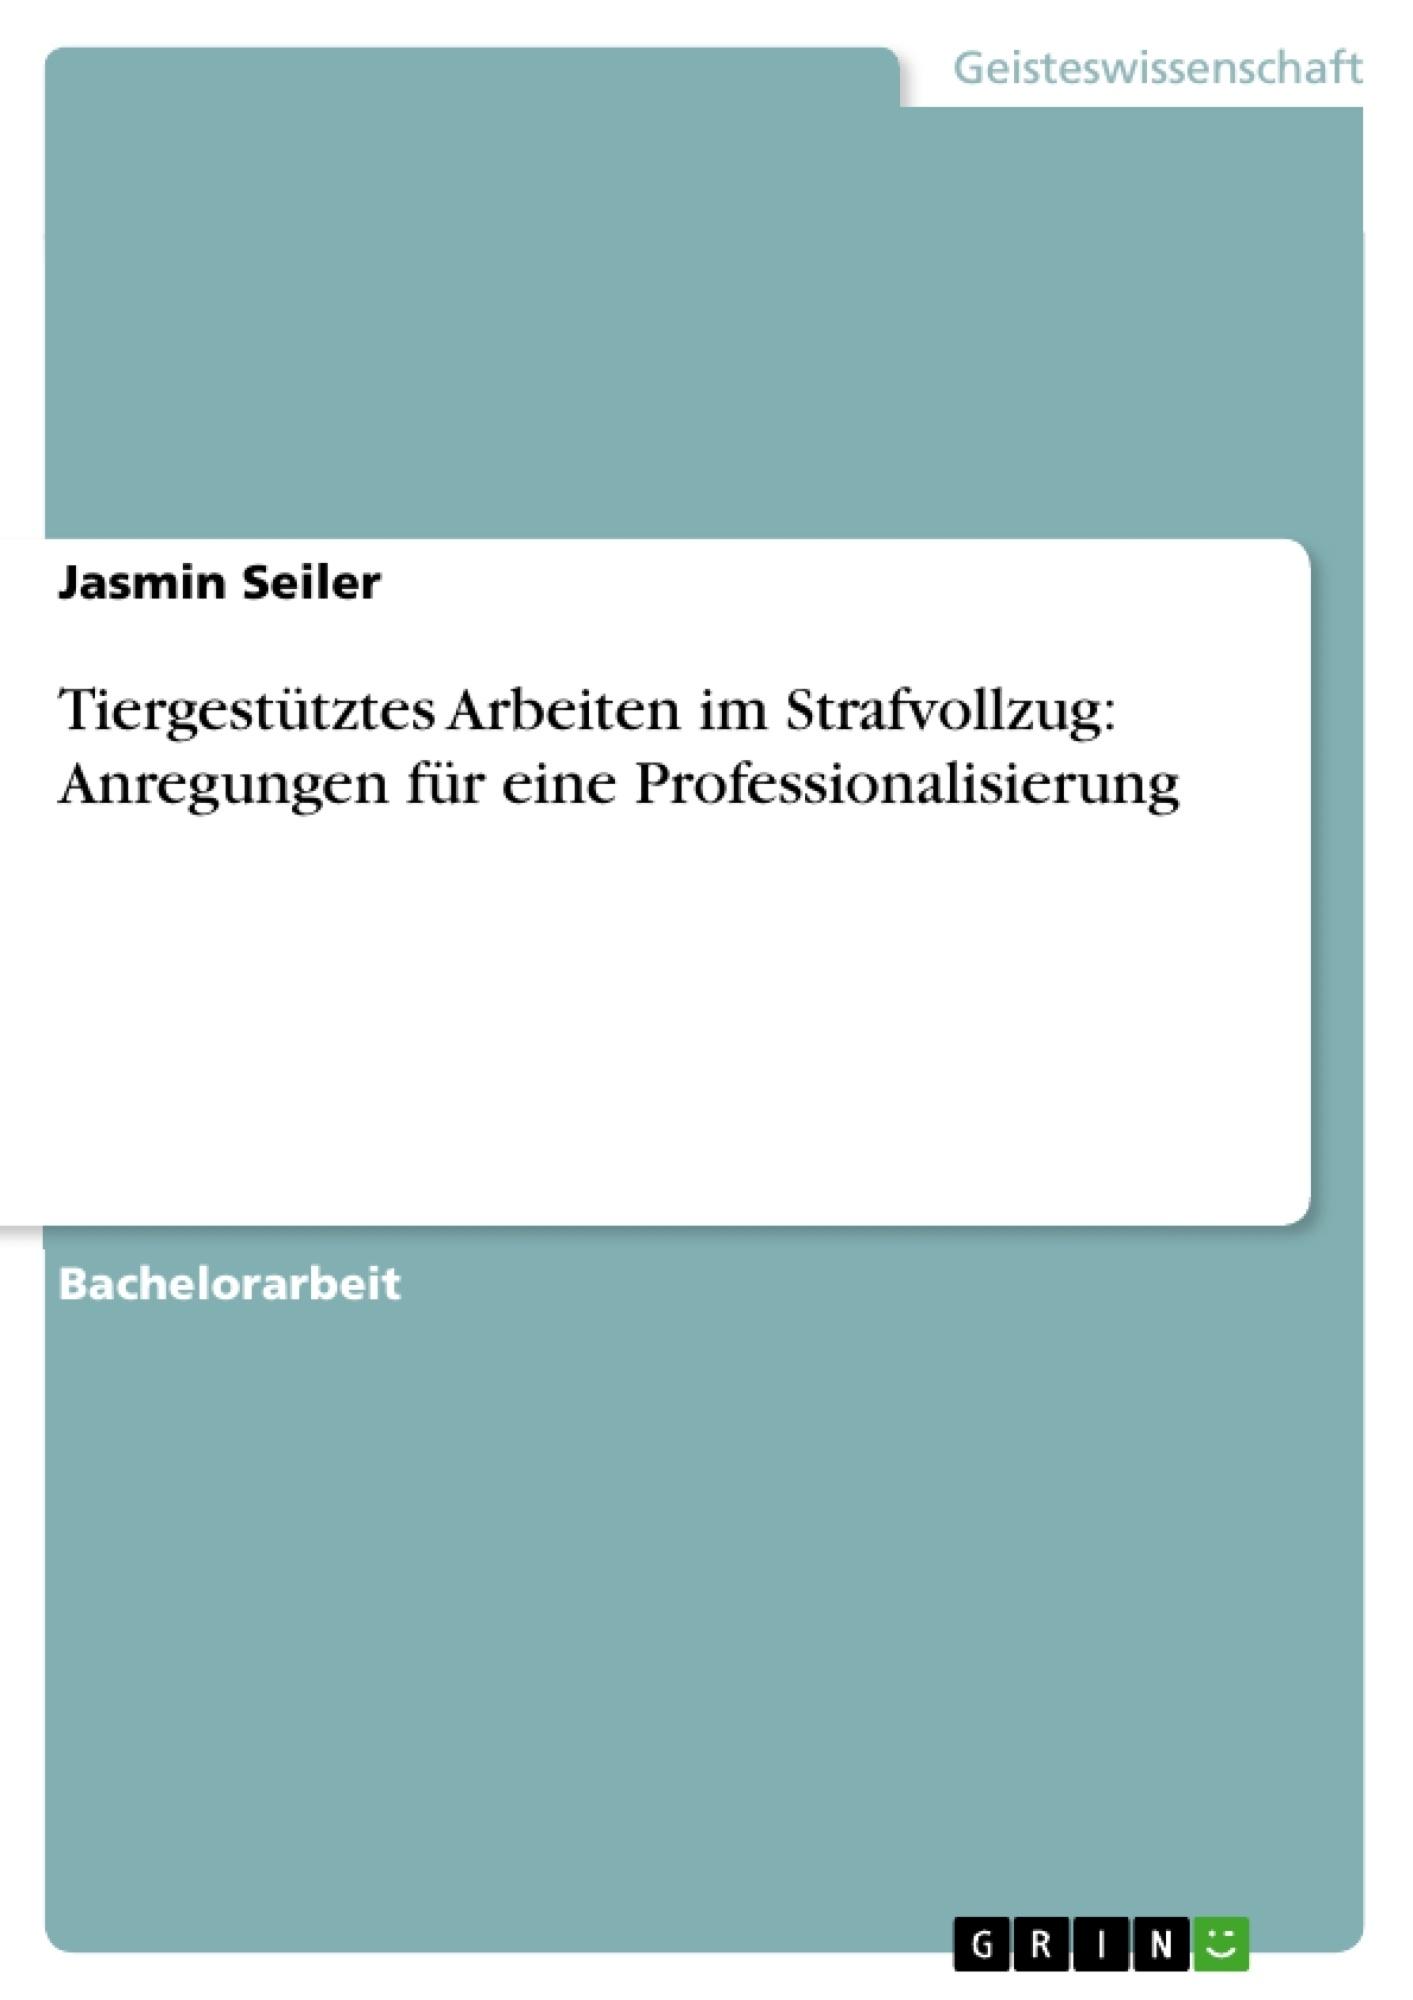 Titel: Tiergestütztes Arbeiten im Strafvollzug: Anregungen für eine Professionalisierung